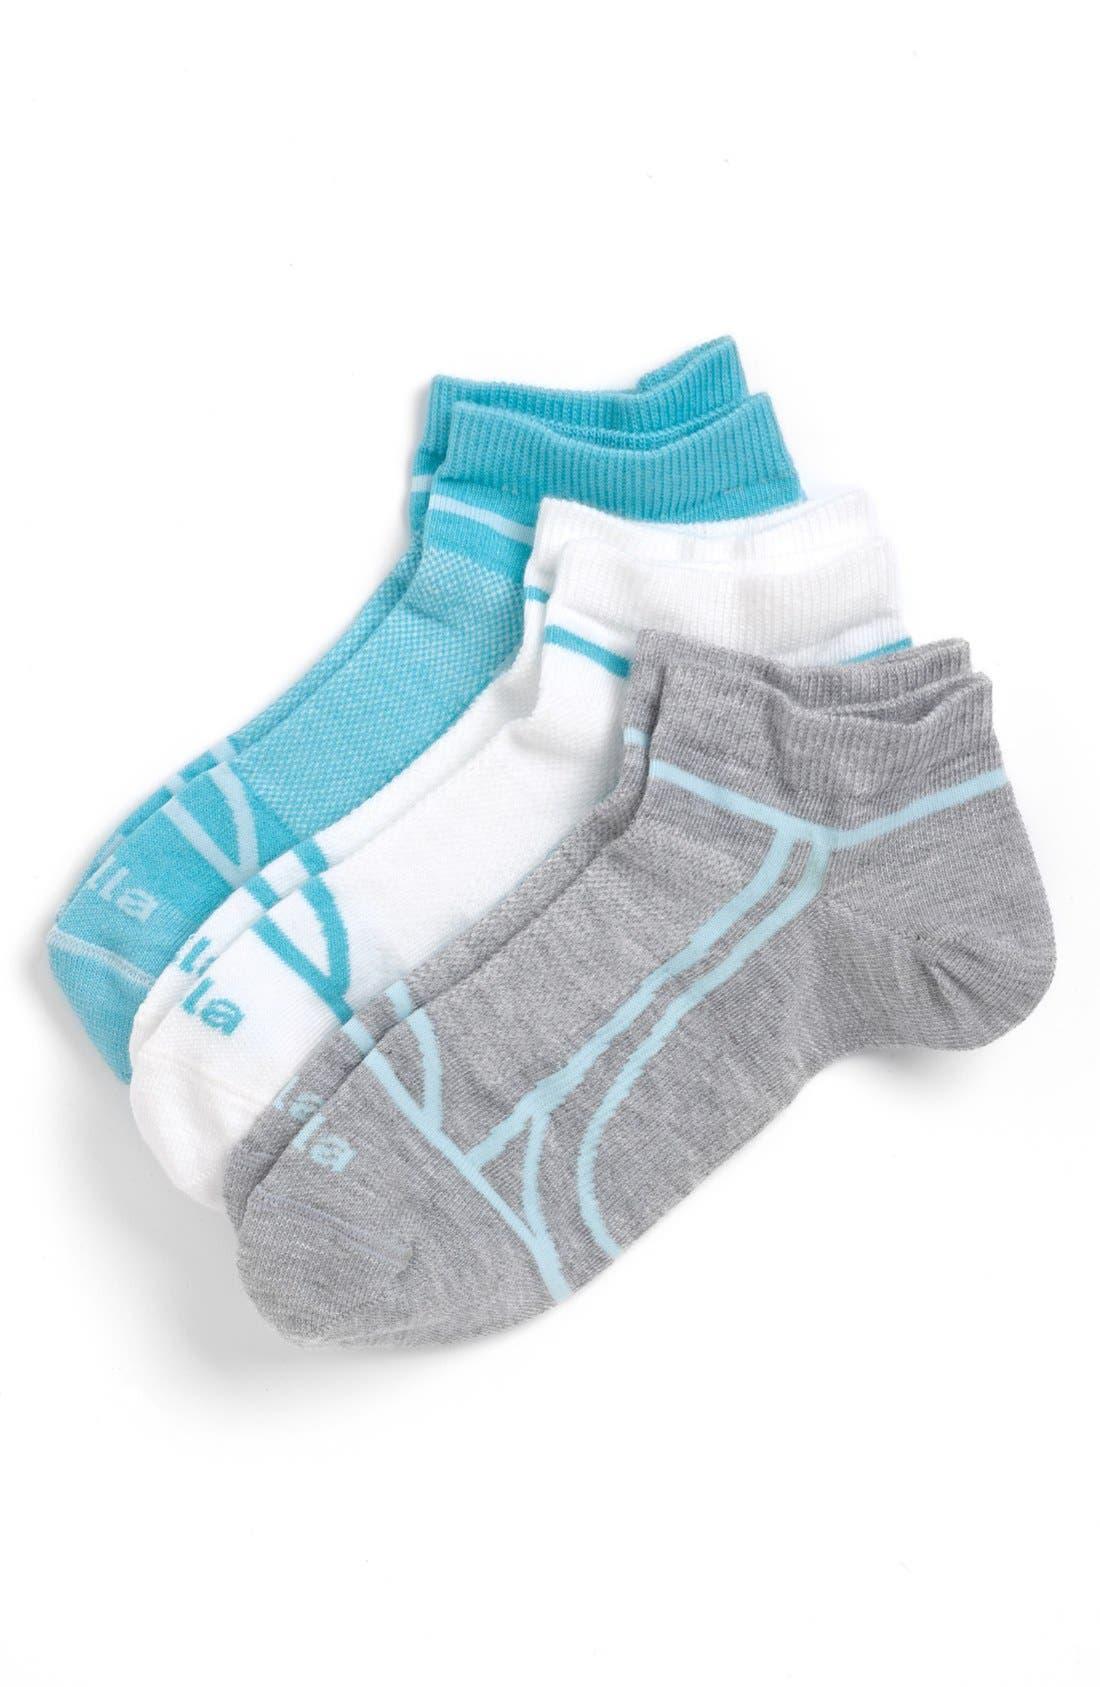 Main Image - Zella 'Fitness' Liner Socks (3-Pack)